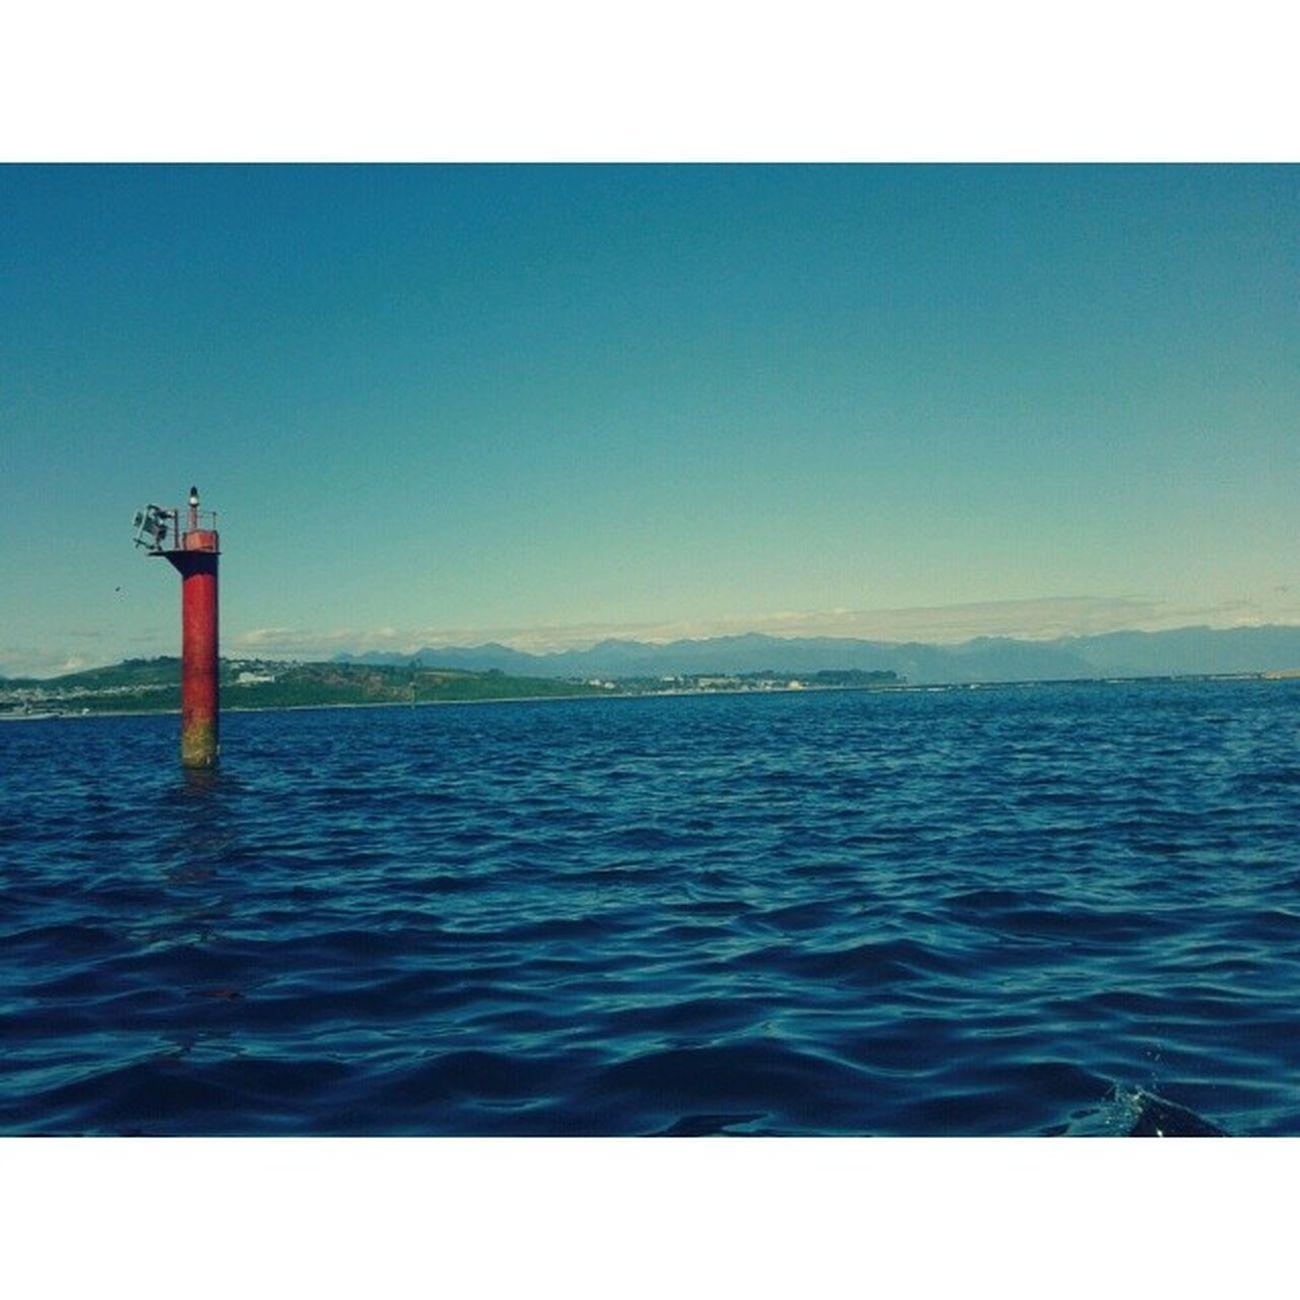 Mar Oleada Mama Resando lindo dia cielo azul